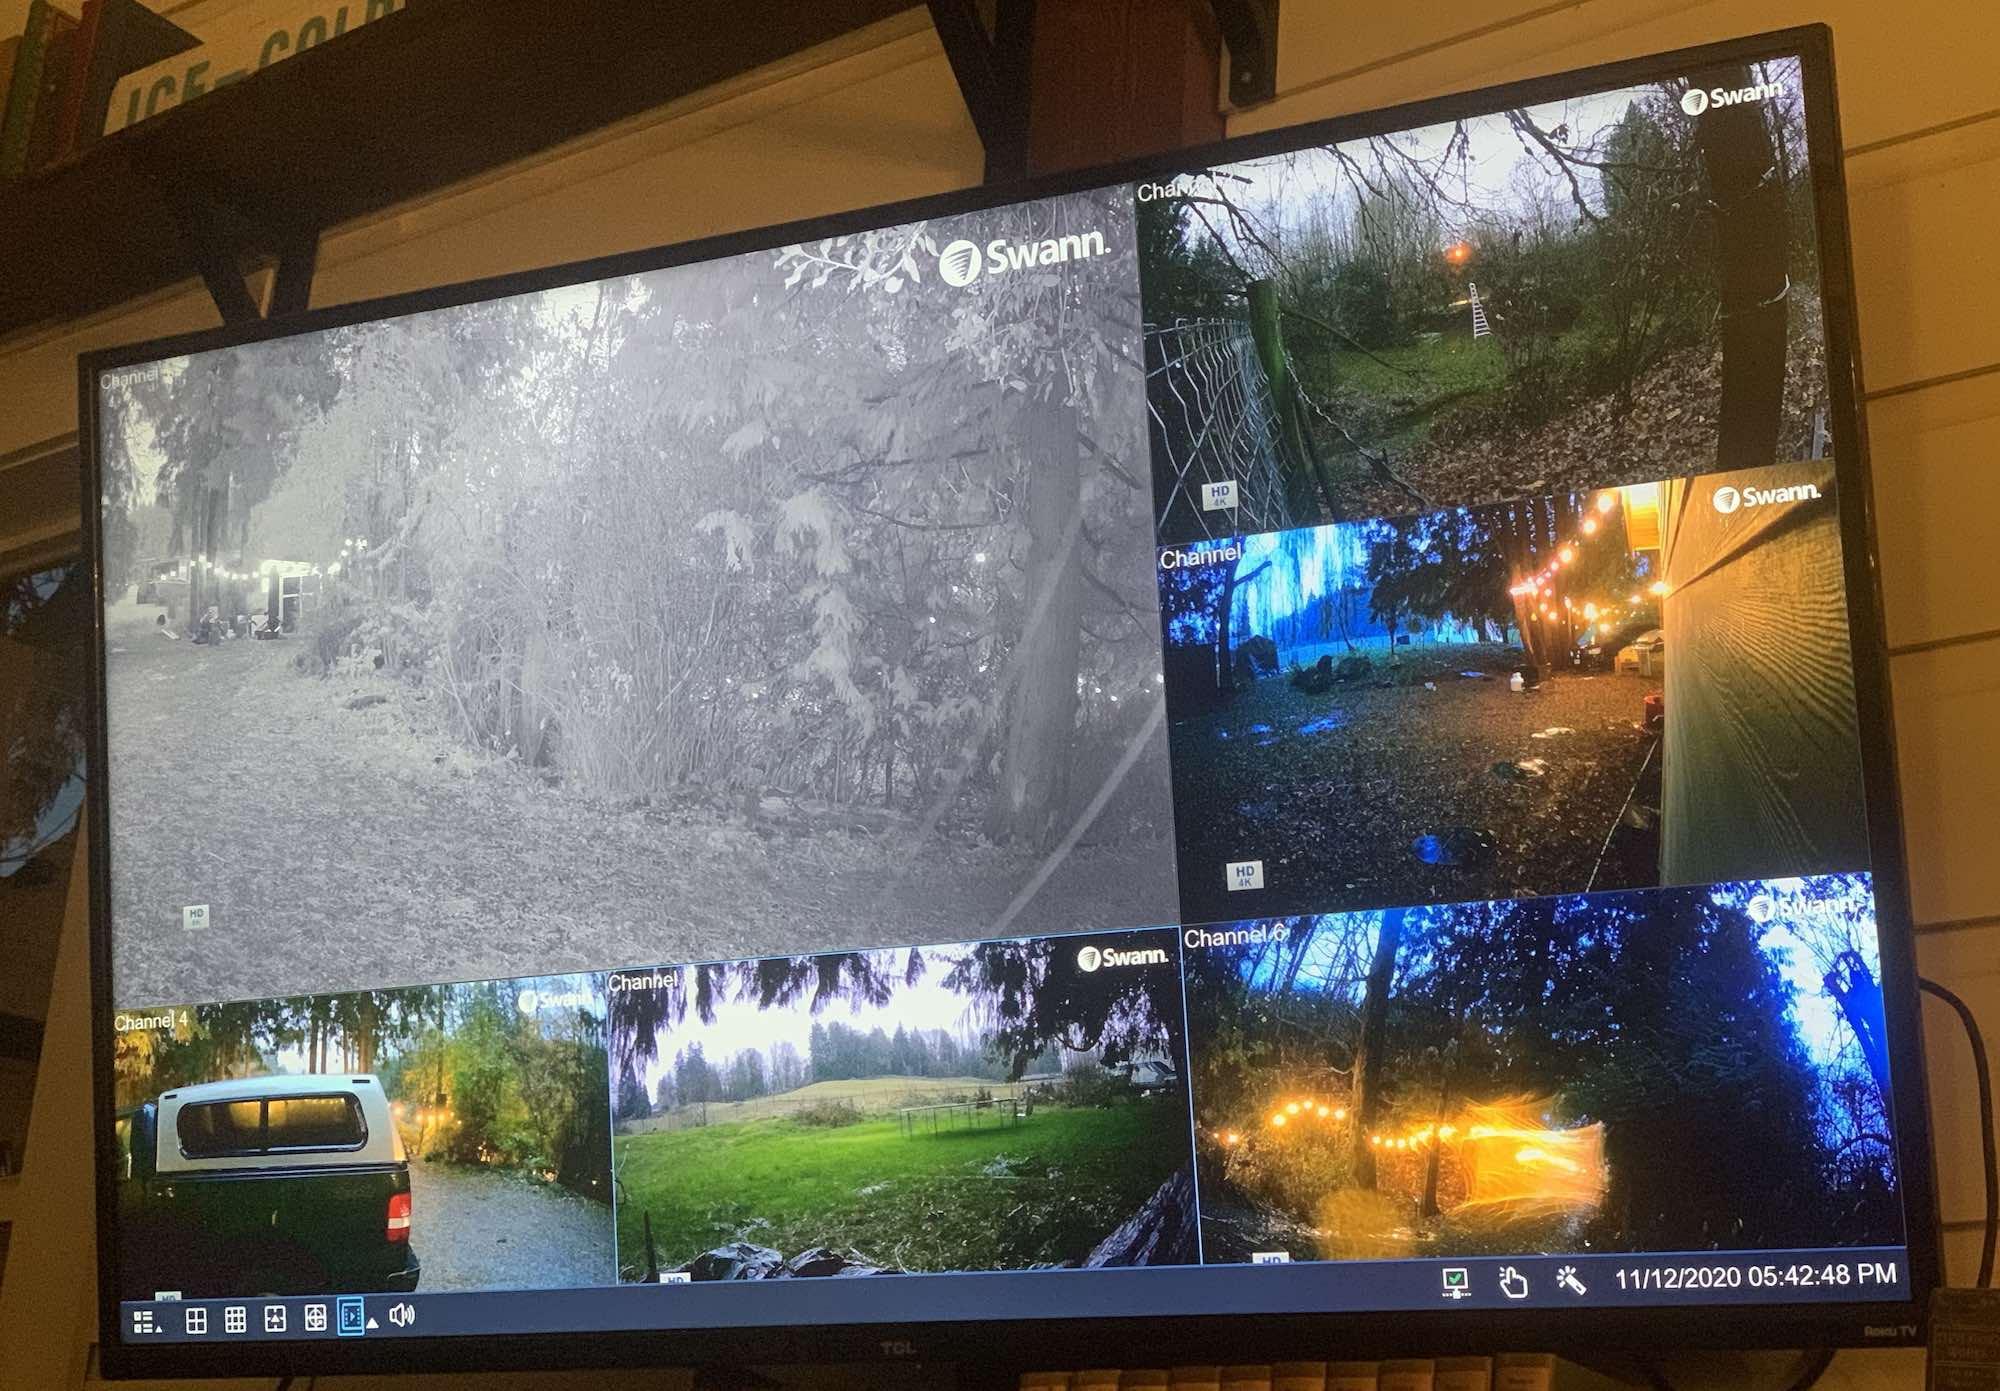 Swann Enforcer 4K DVR Security System Review